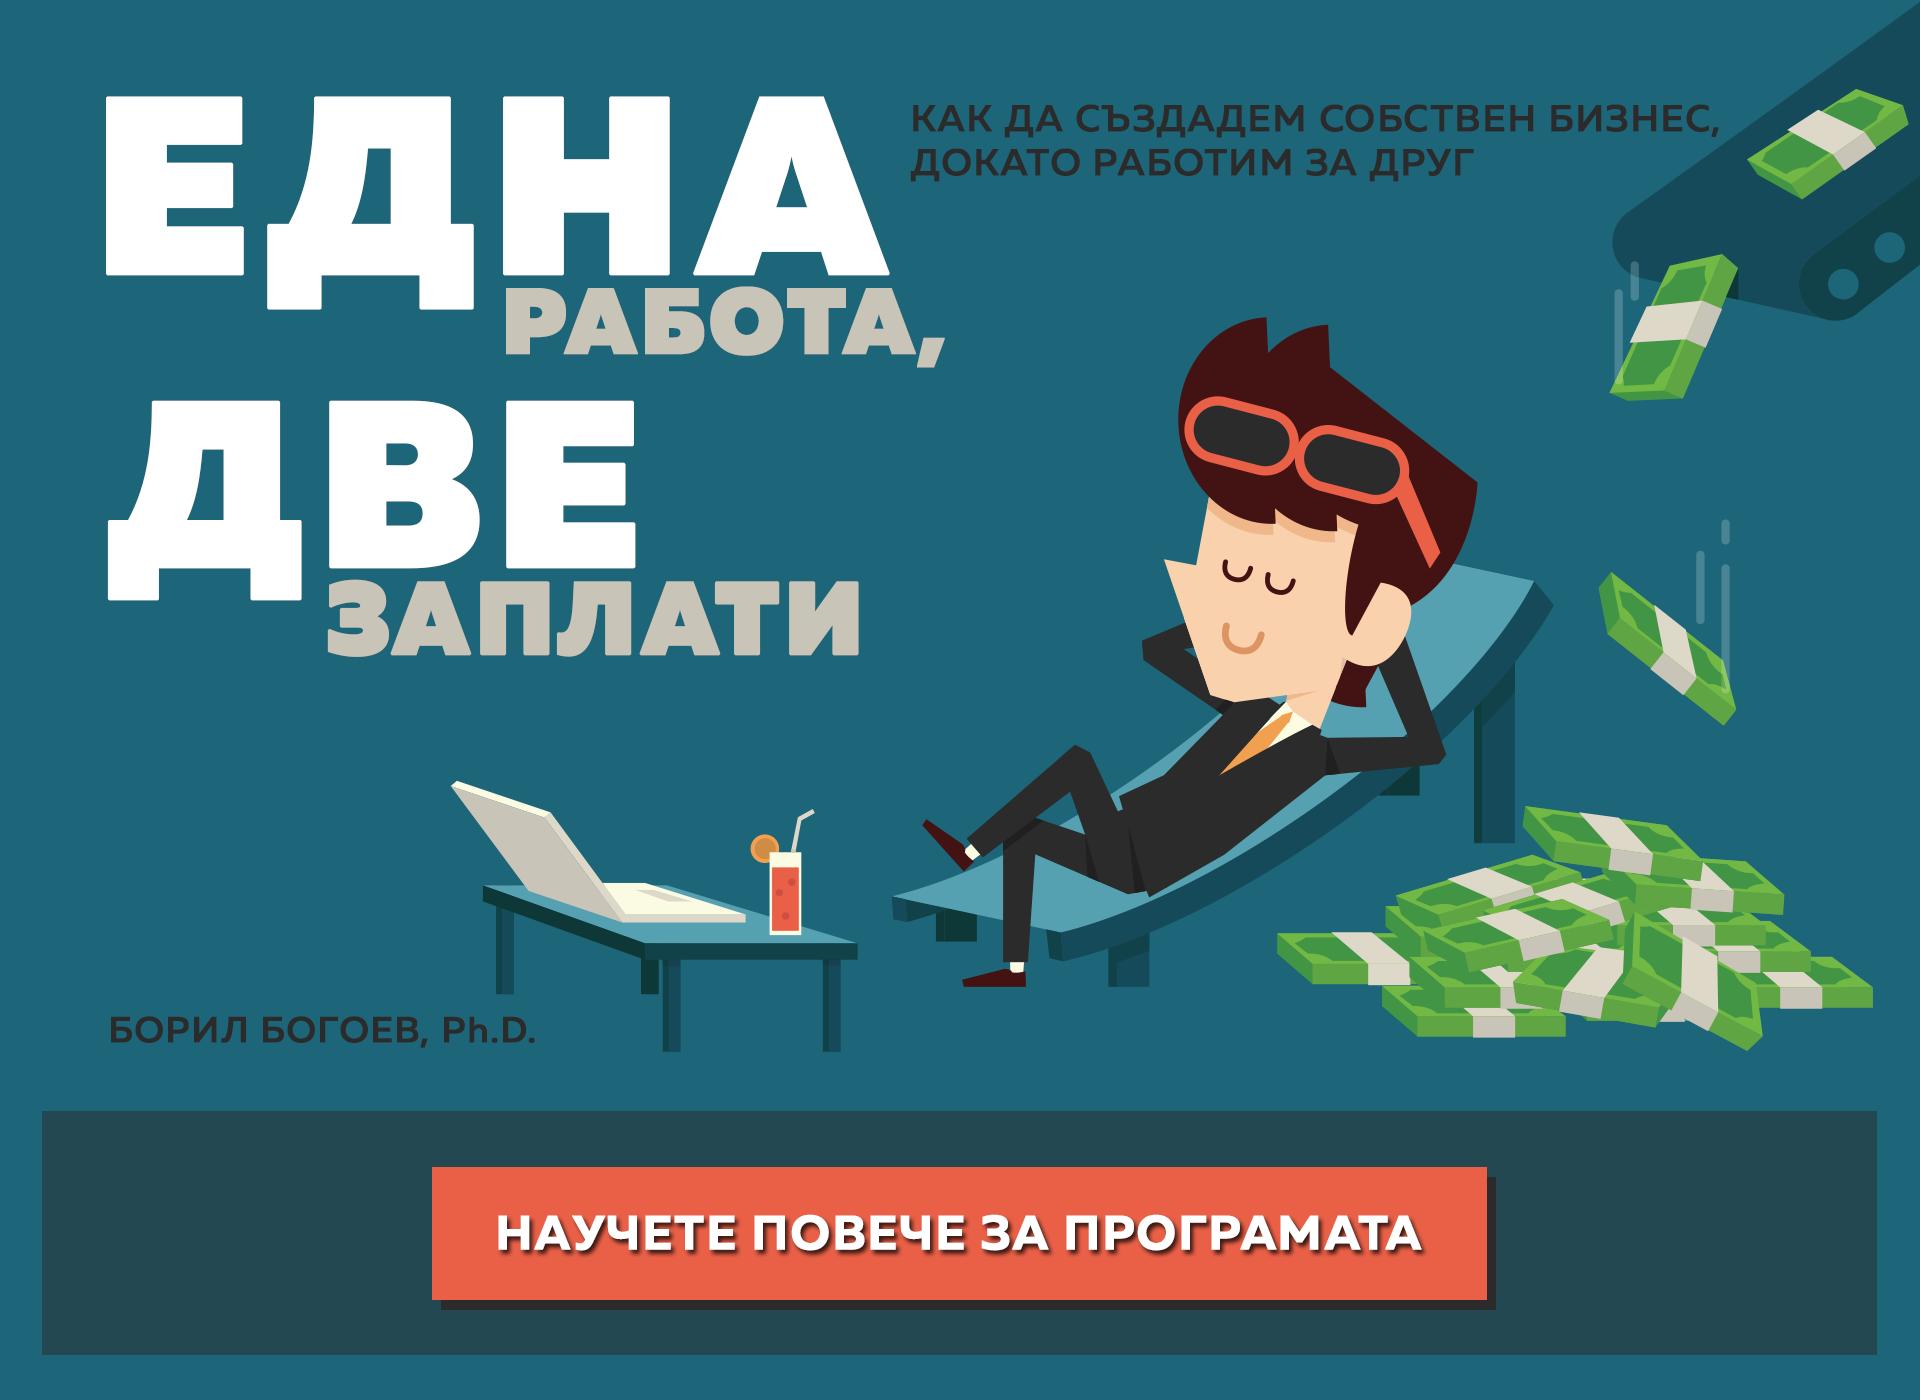 Една работа, две заплати - Как да създадем собствен бизнес, докато работим за друг